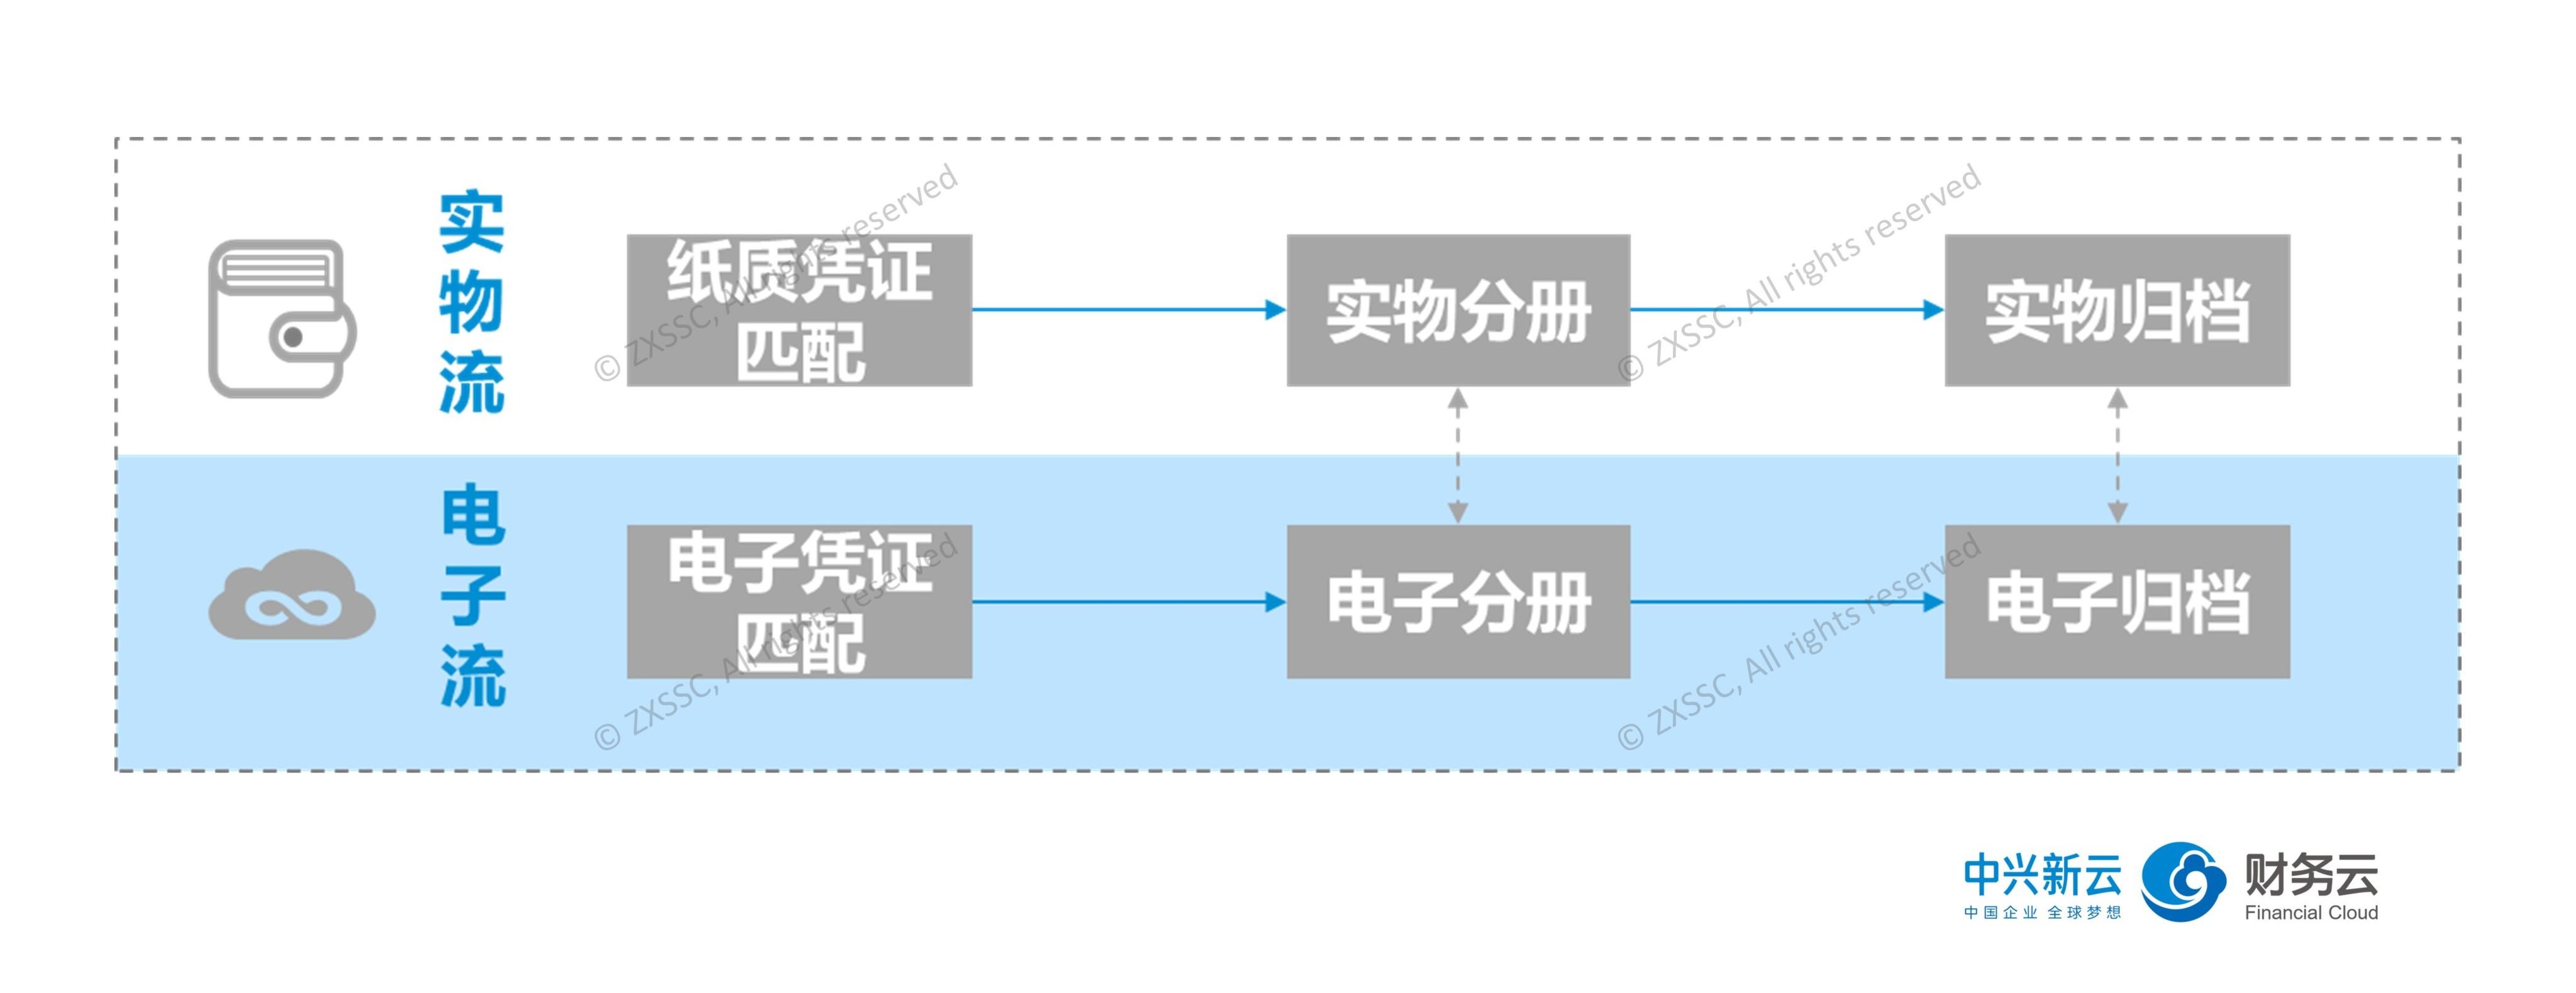 10档案管理高效化.jpg